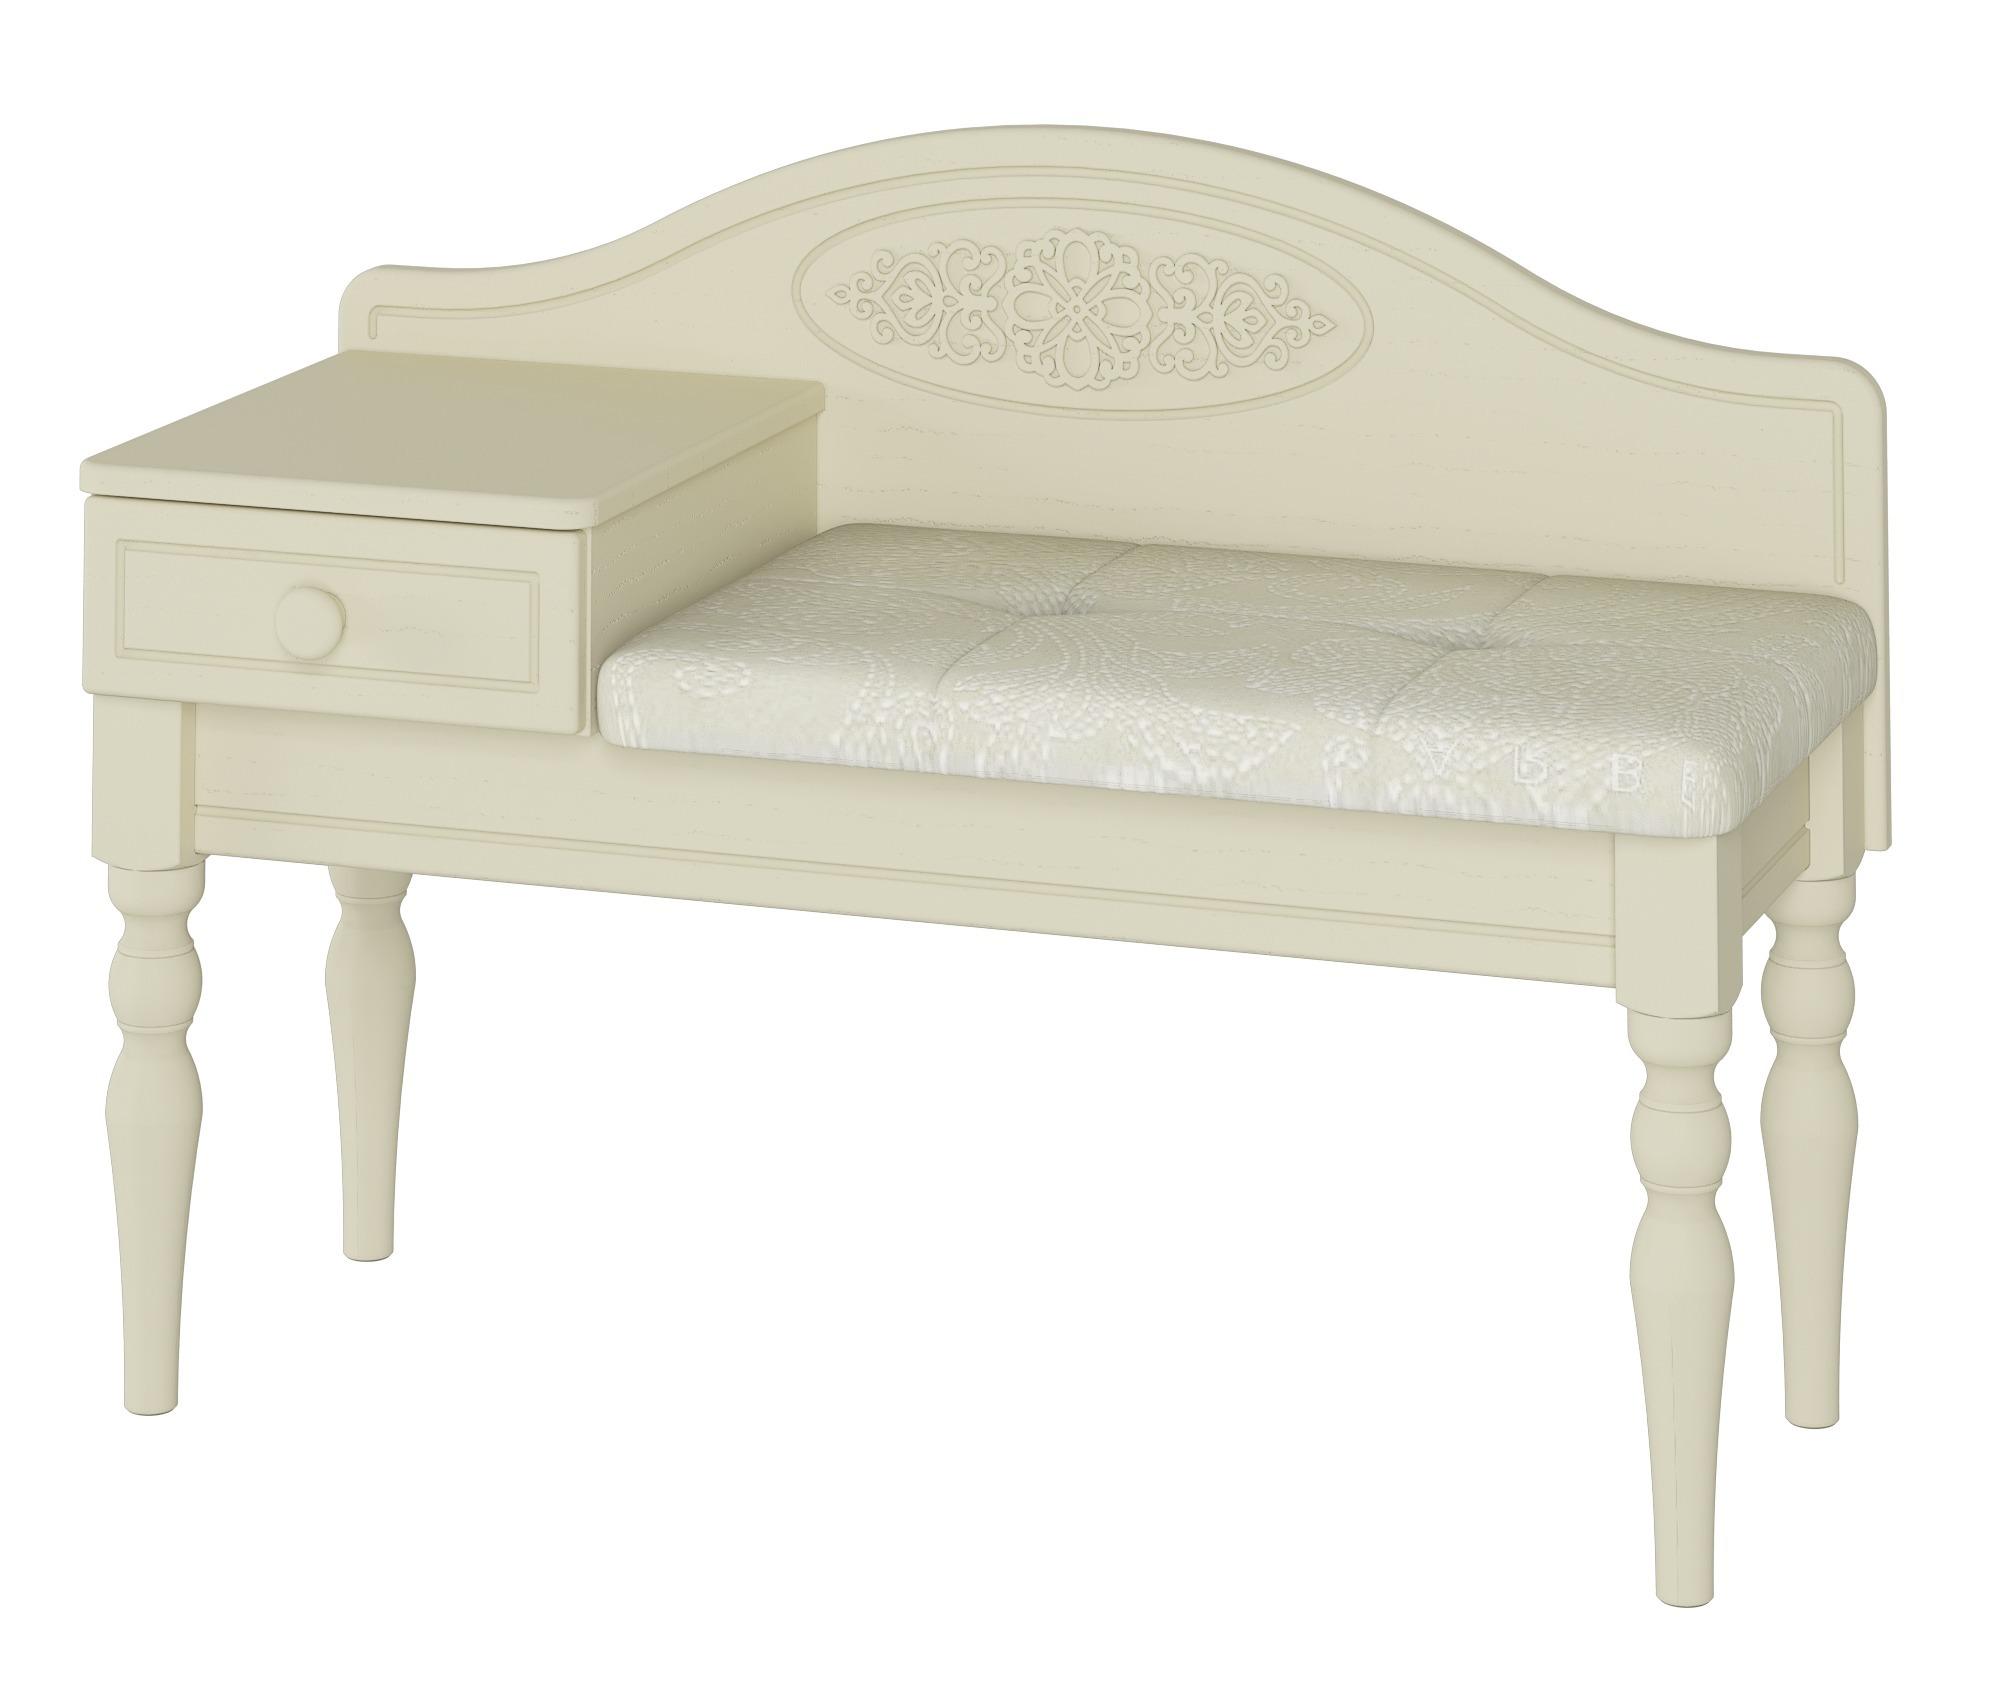 Банкетка Ассоль плюс АС-41 мебель для детской